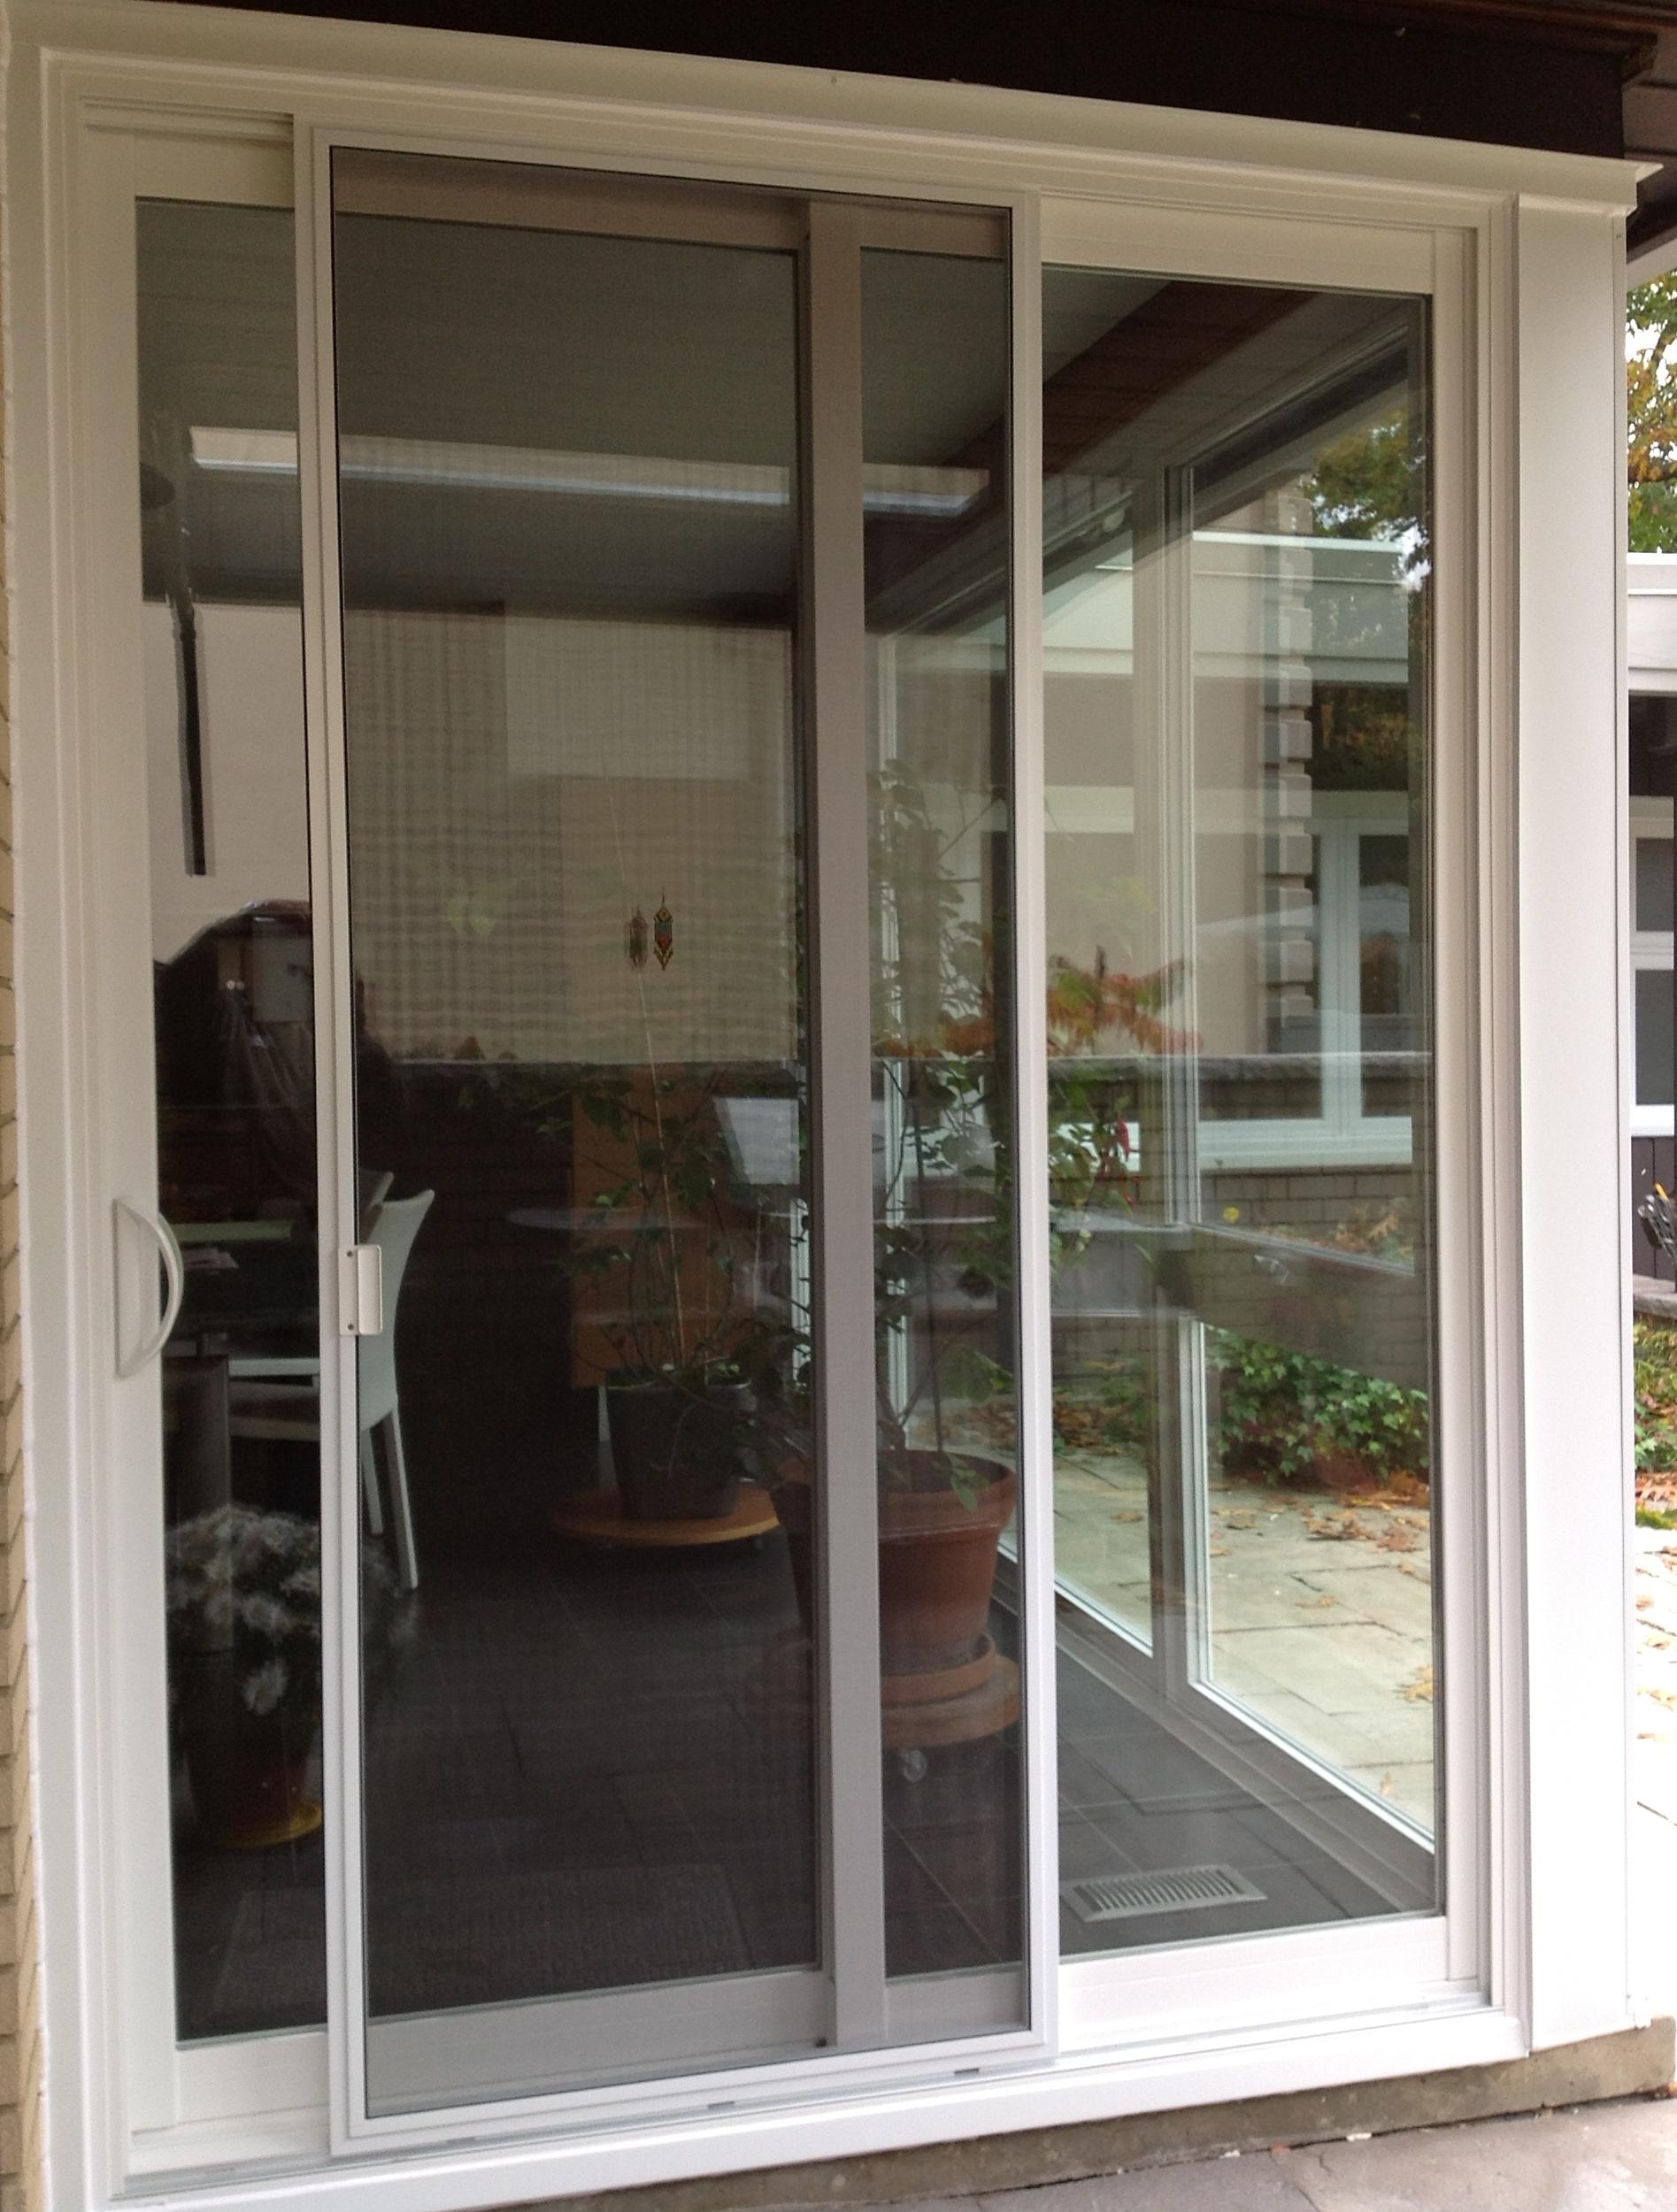 Peachtree Sliding Glass Door Screensscreen doors for sliding glass door saudireiki